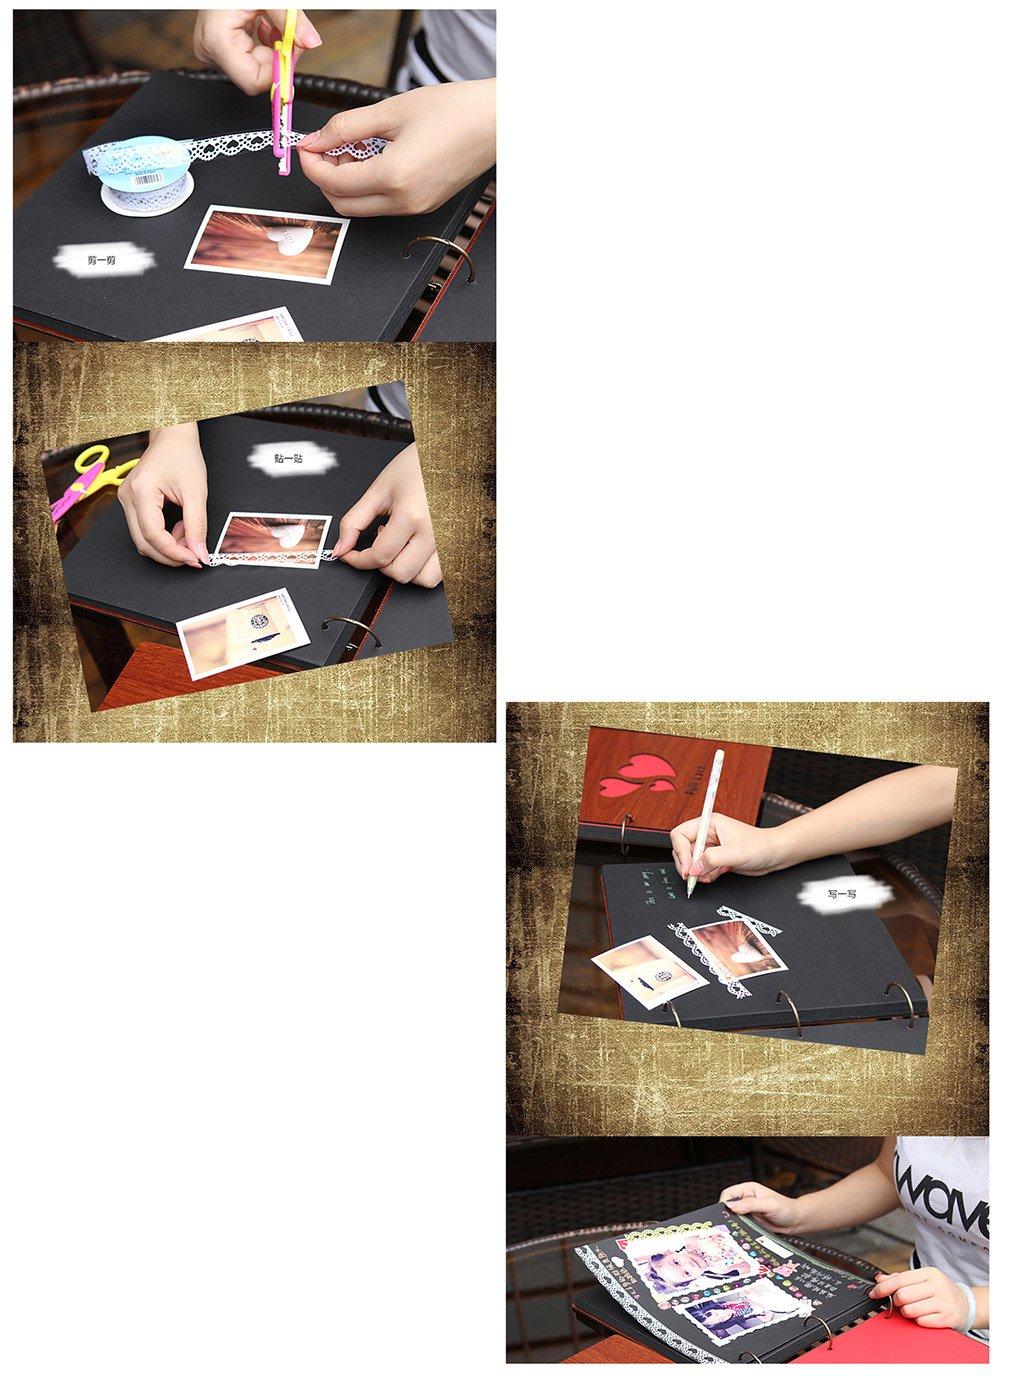 Album de Fotos de Cerradura de Fotos la contraseña DIY Álbum, Pasta Hecha a Mano Álbum, Libro de Registro de Crecimiento de bebé Pareja Regalo de San Valentín Fotos Turismo Amor (Tamaño : A) f71519